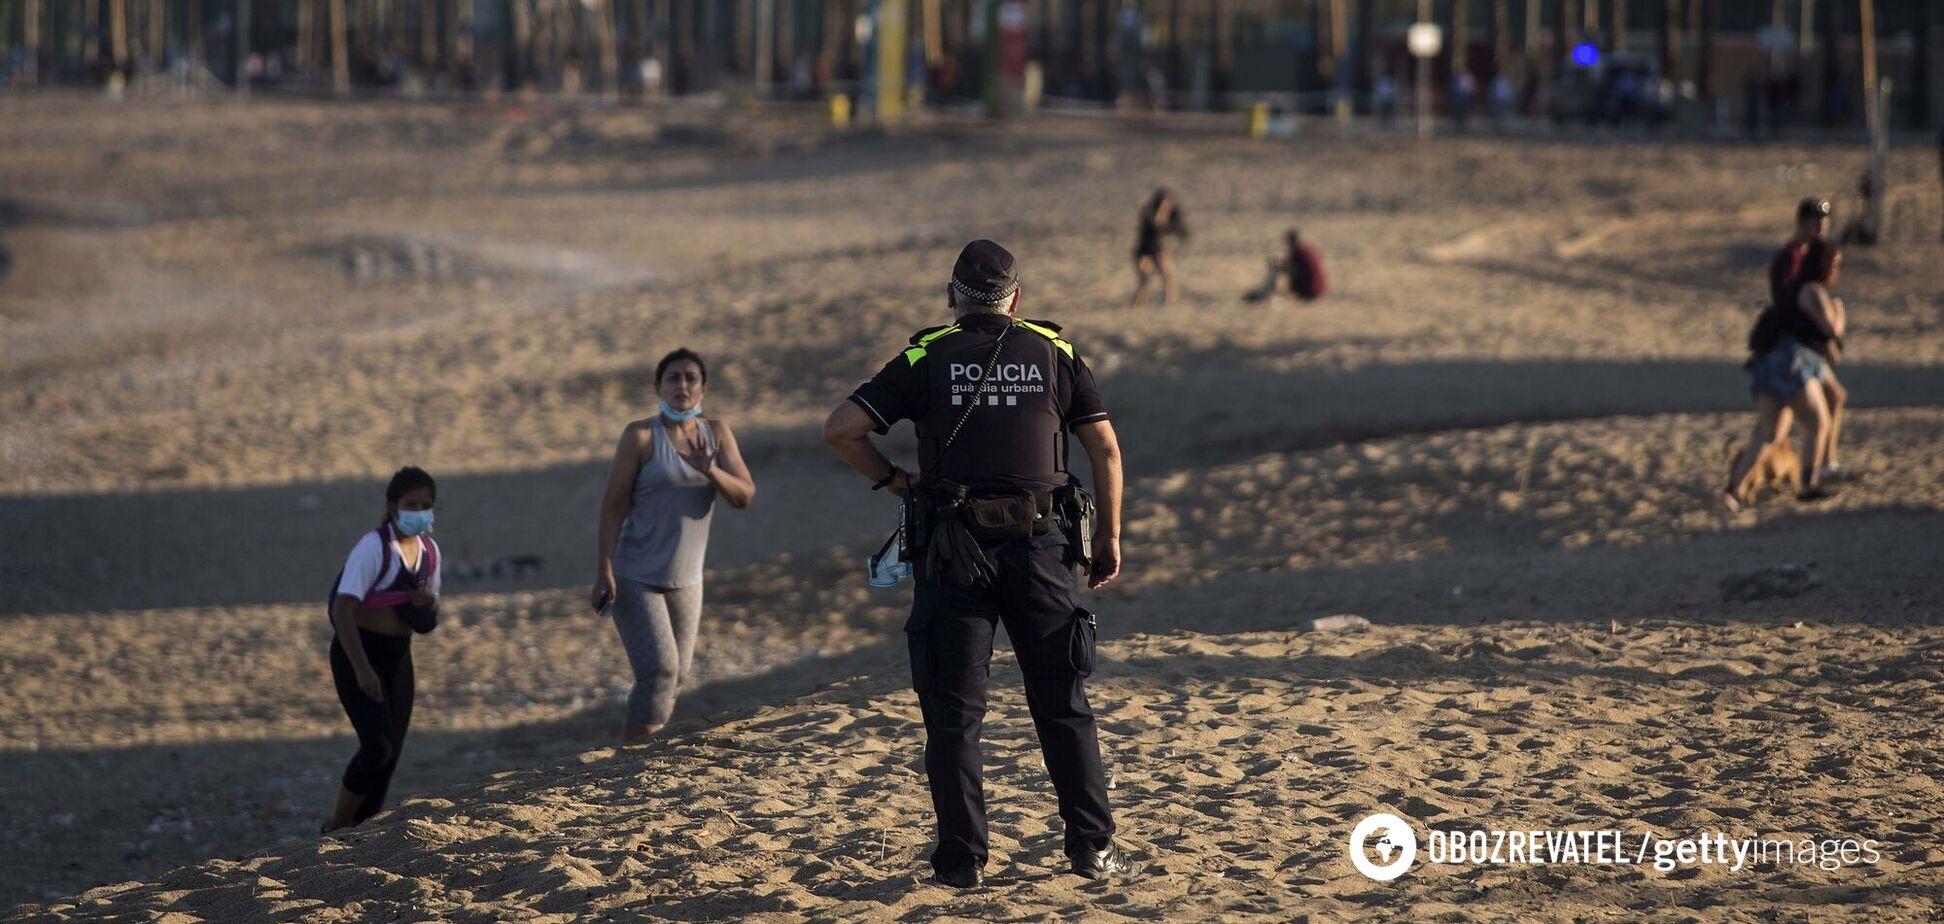 Іспанія ввела обов'язкове носіння масок на пляжах